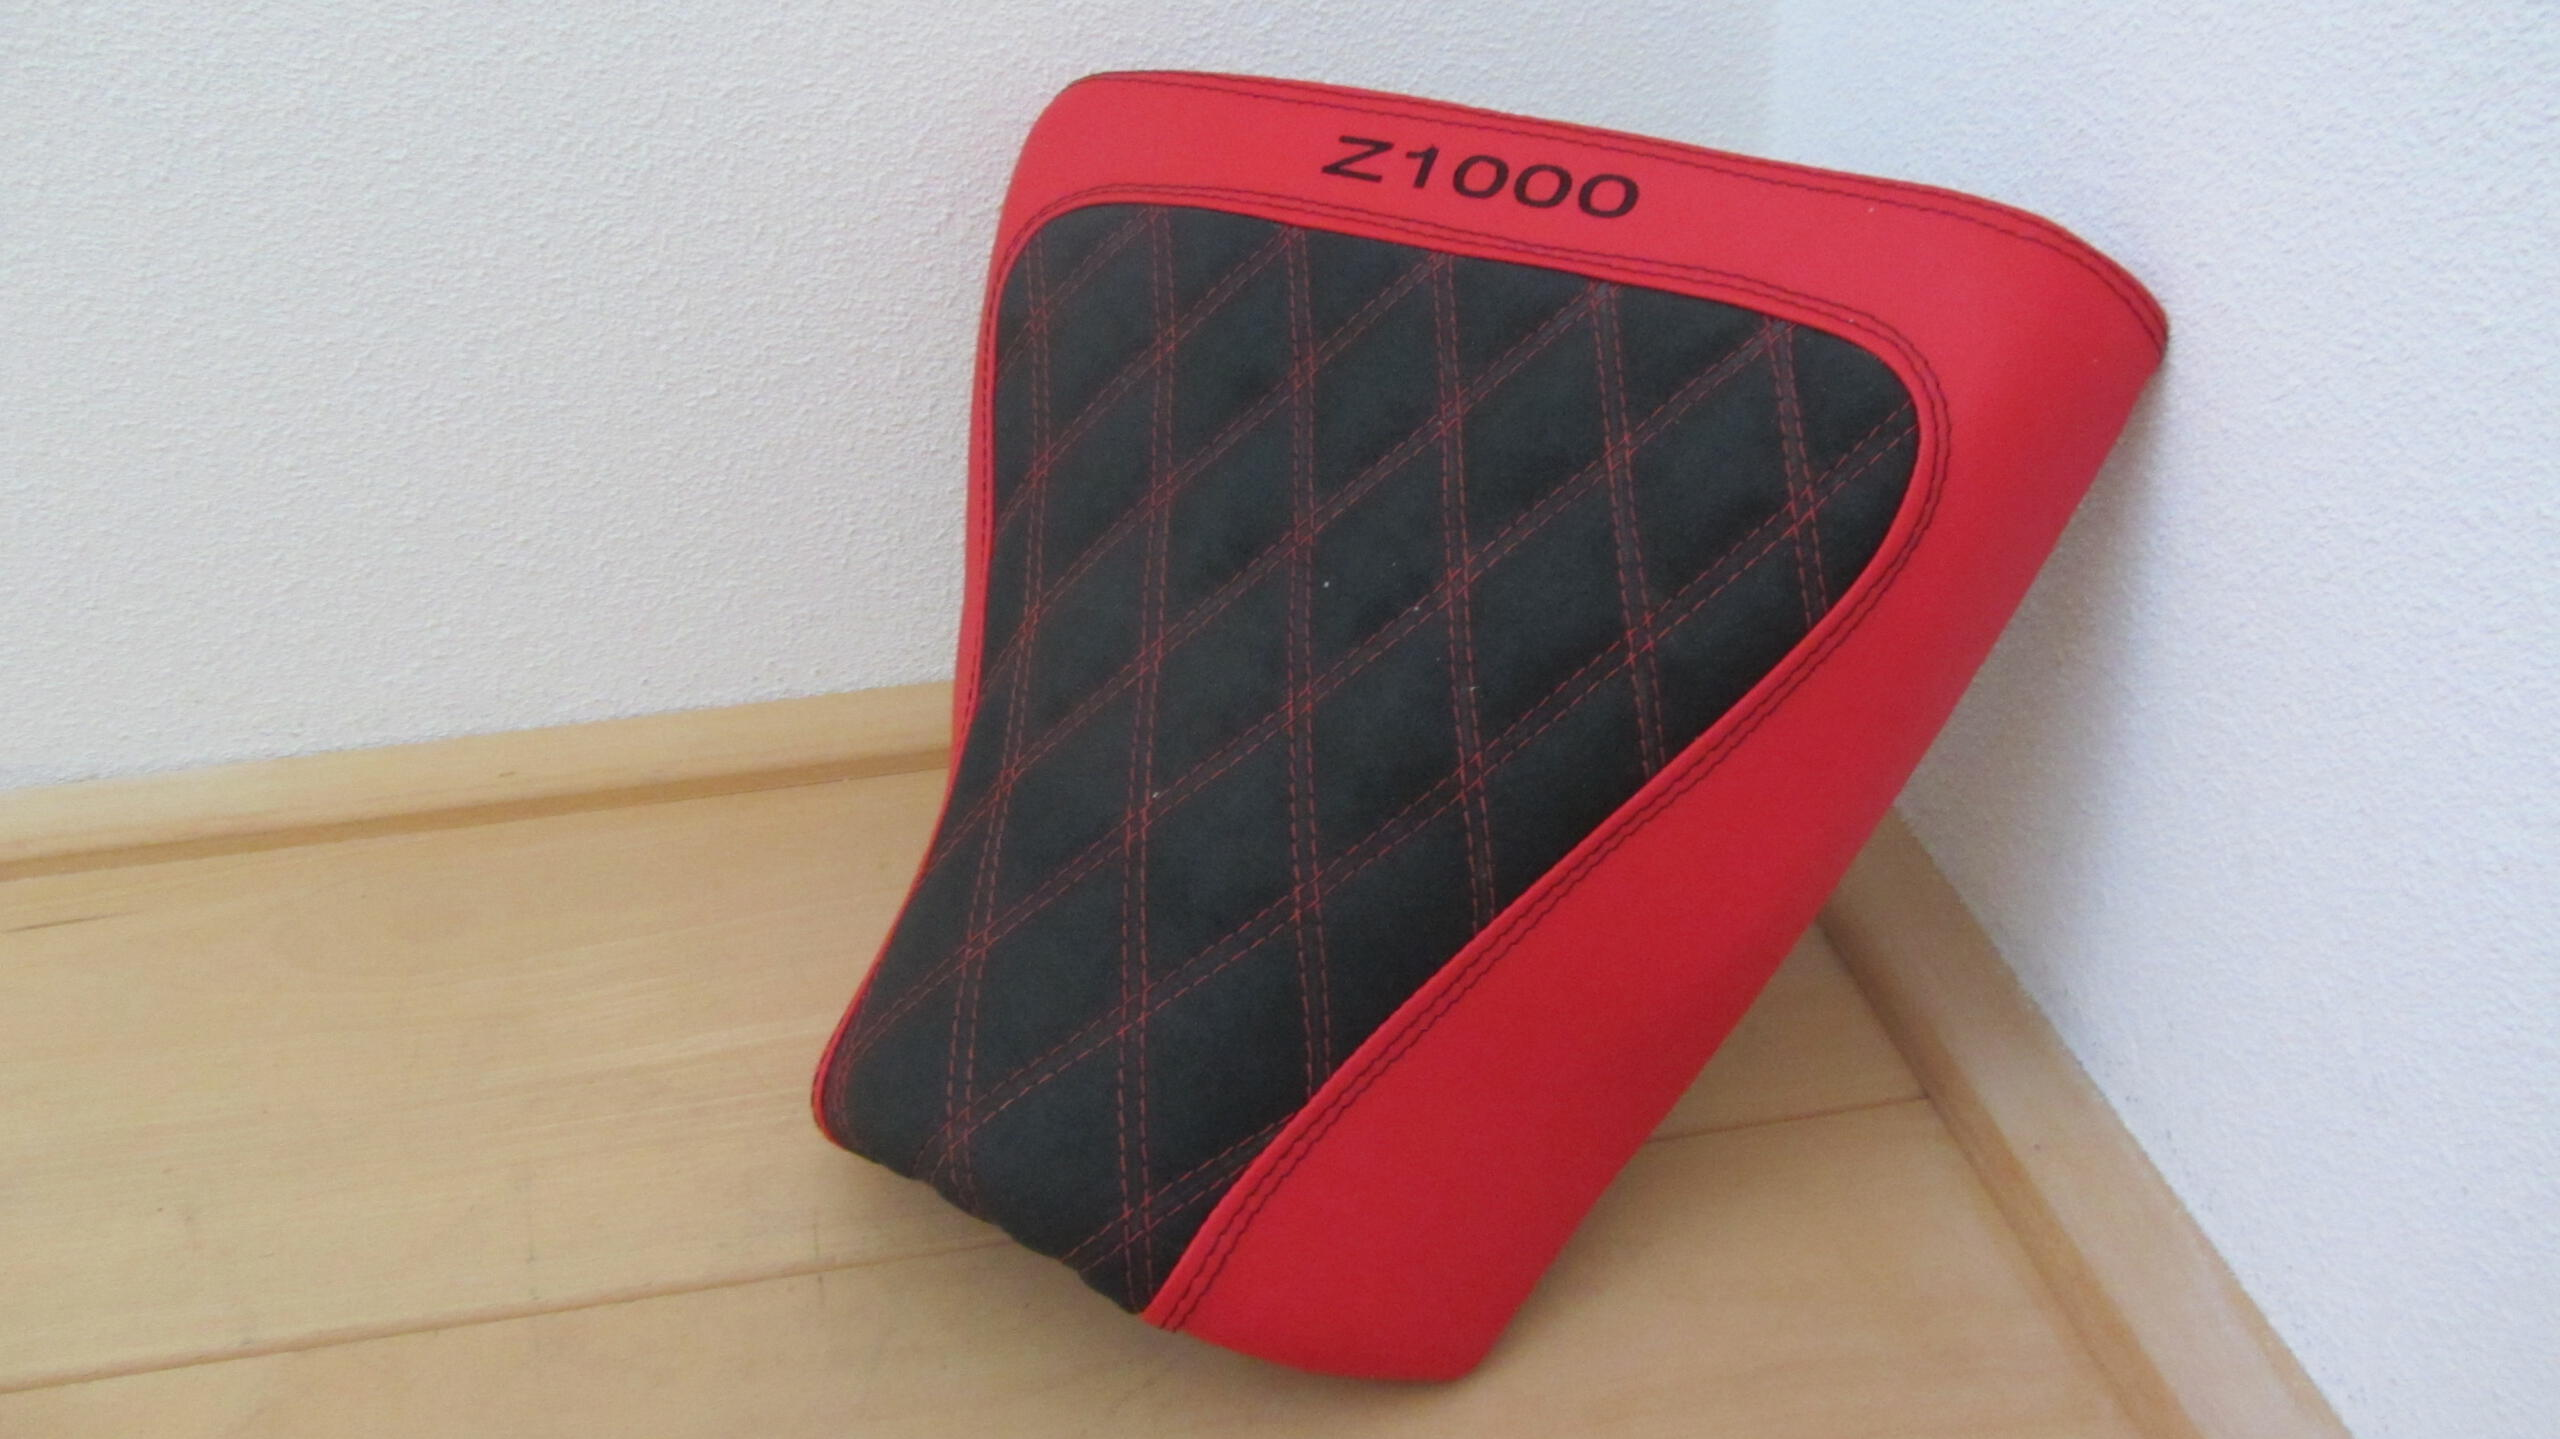 Buddy Z1000